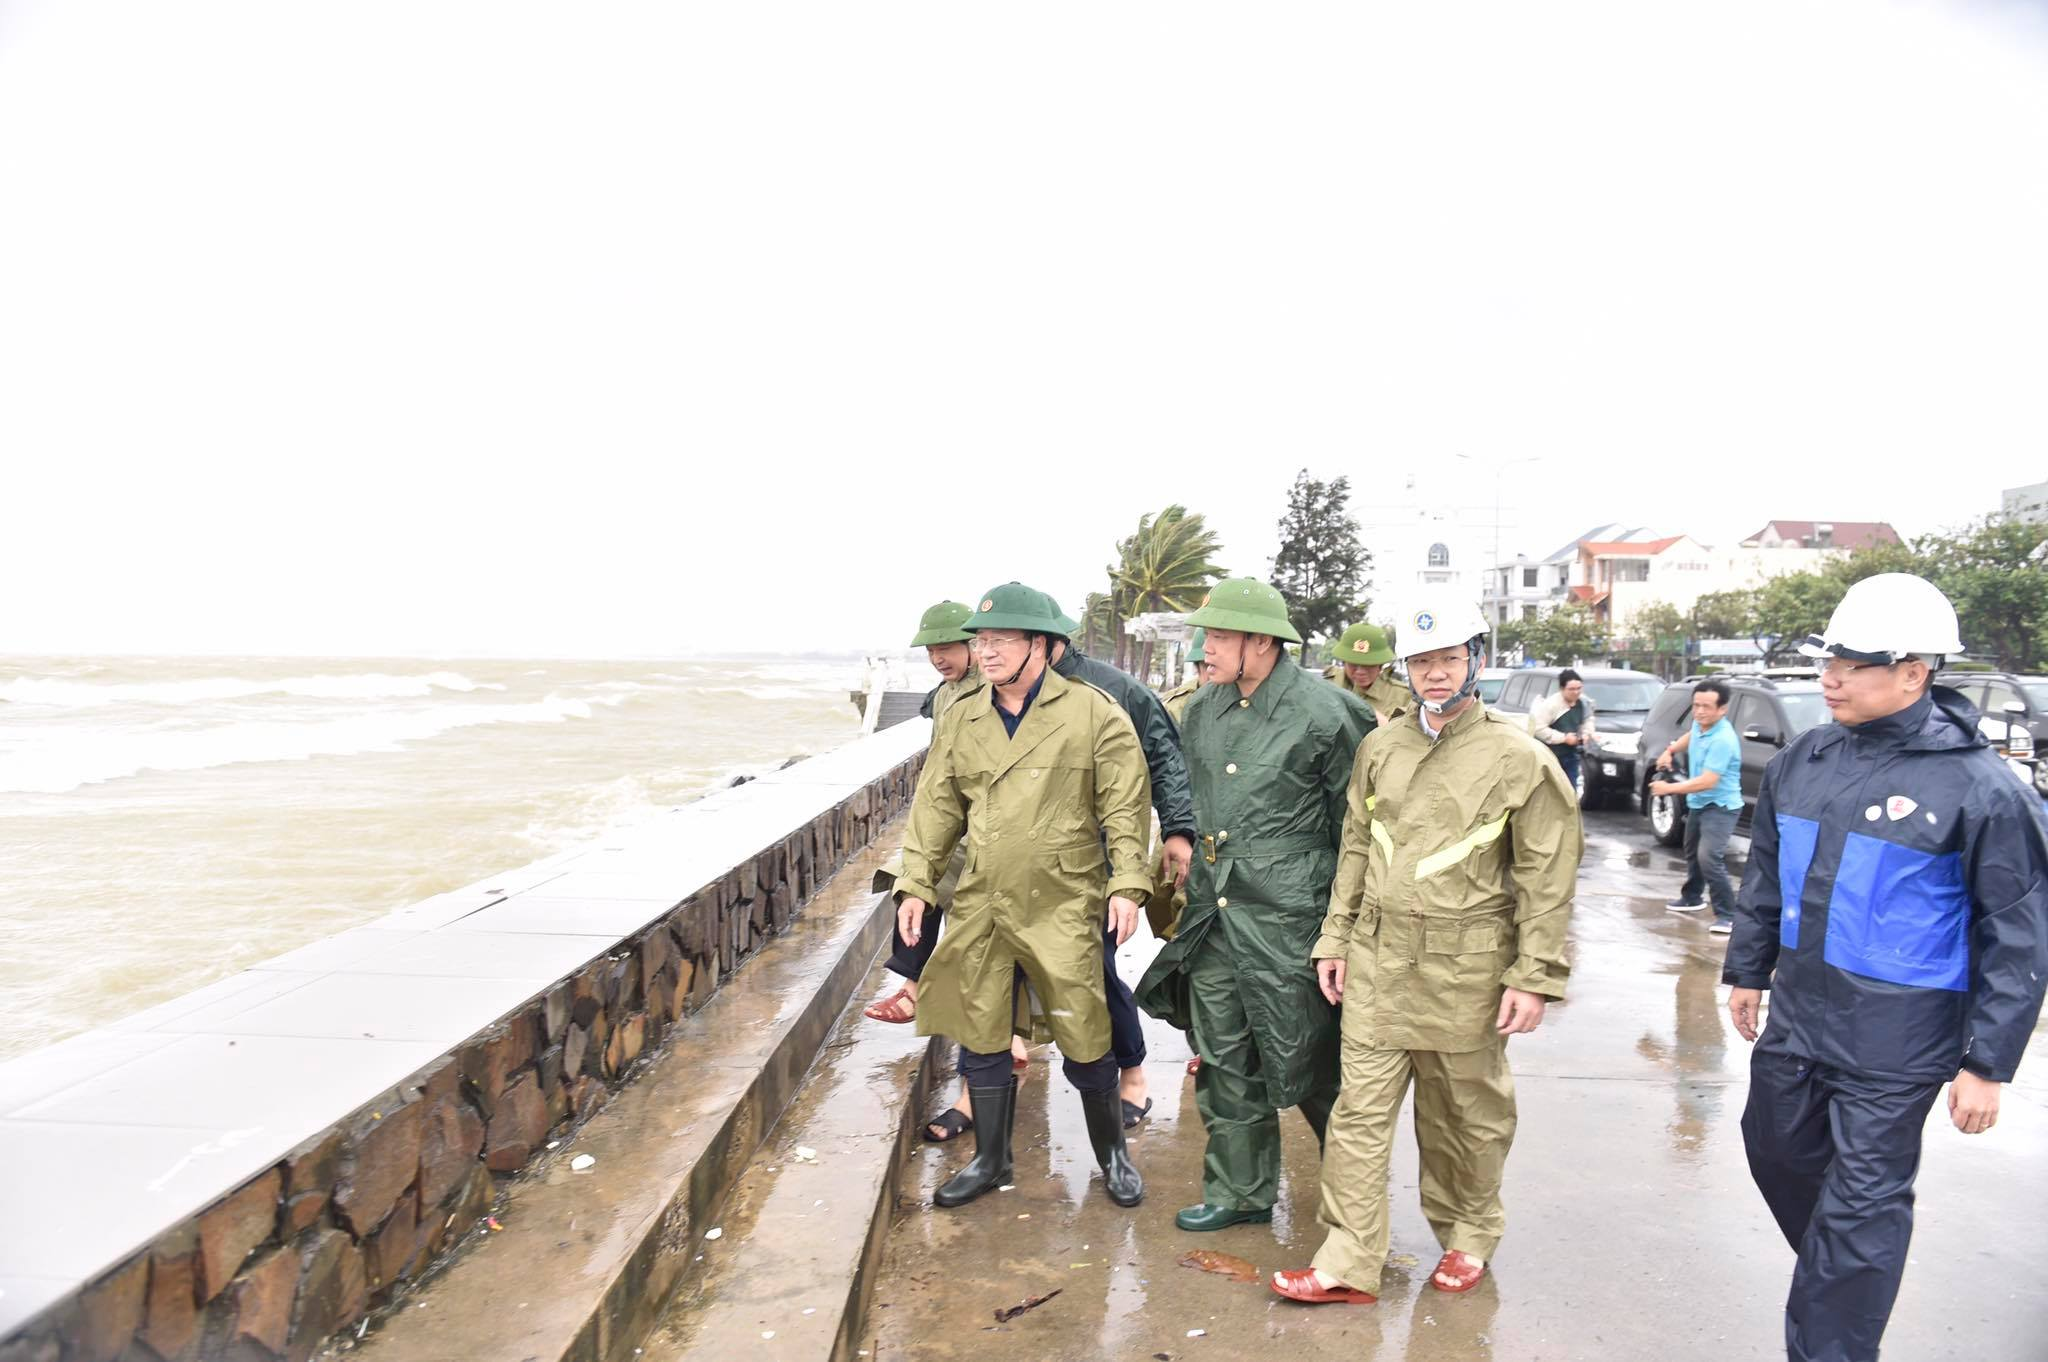 Phó Thủ tướng Trịnh Đình Dũng: Tình hình khẩn cấp, không quyết liệt ứng phó thì vô cùng nguy hiểm